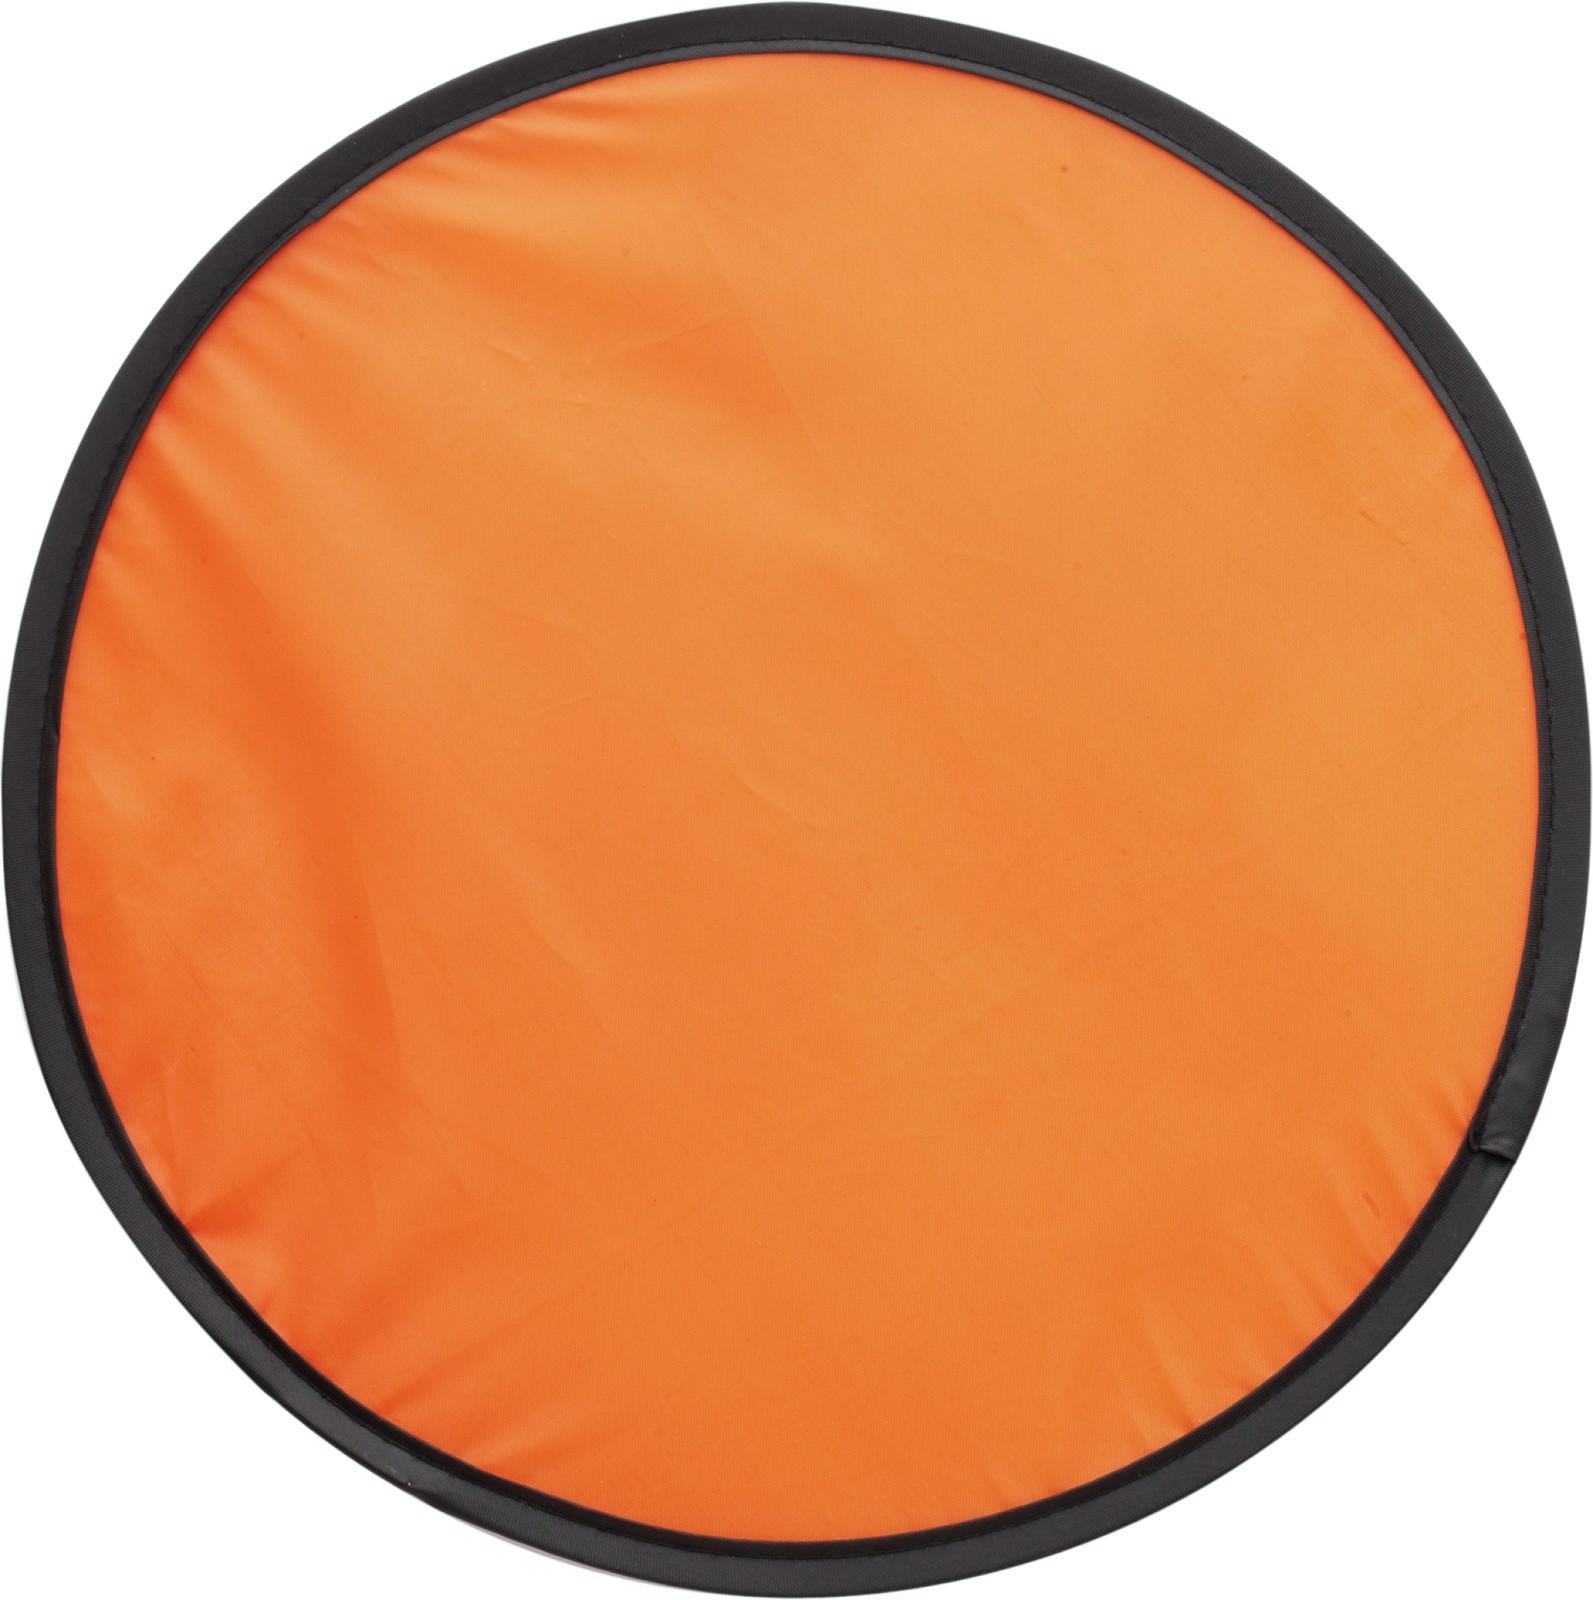 Nylon (170T) Frisbee - Orange